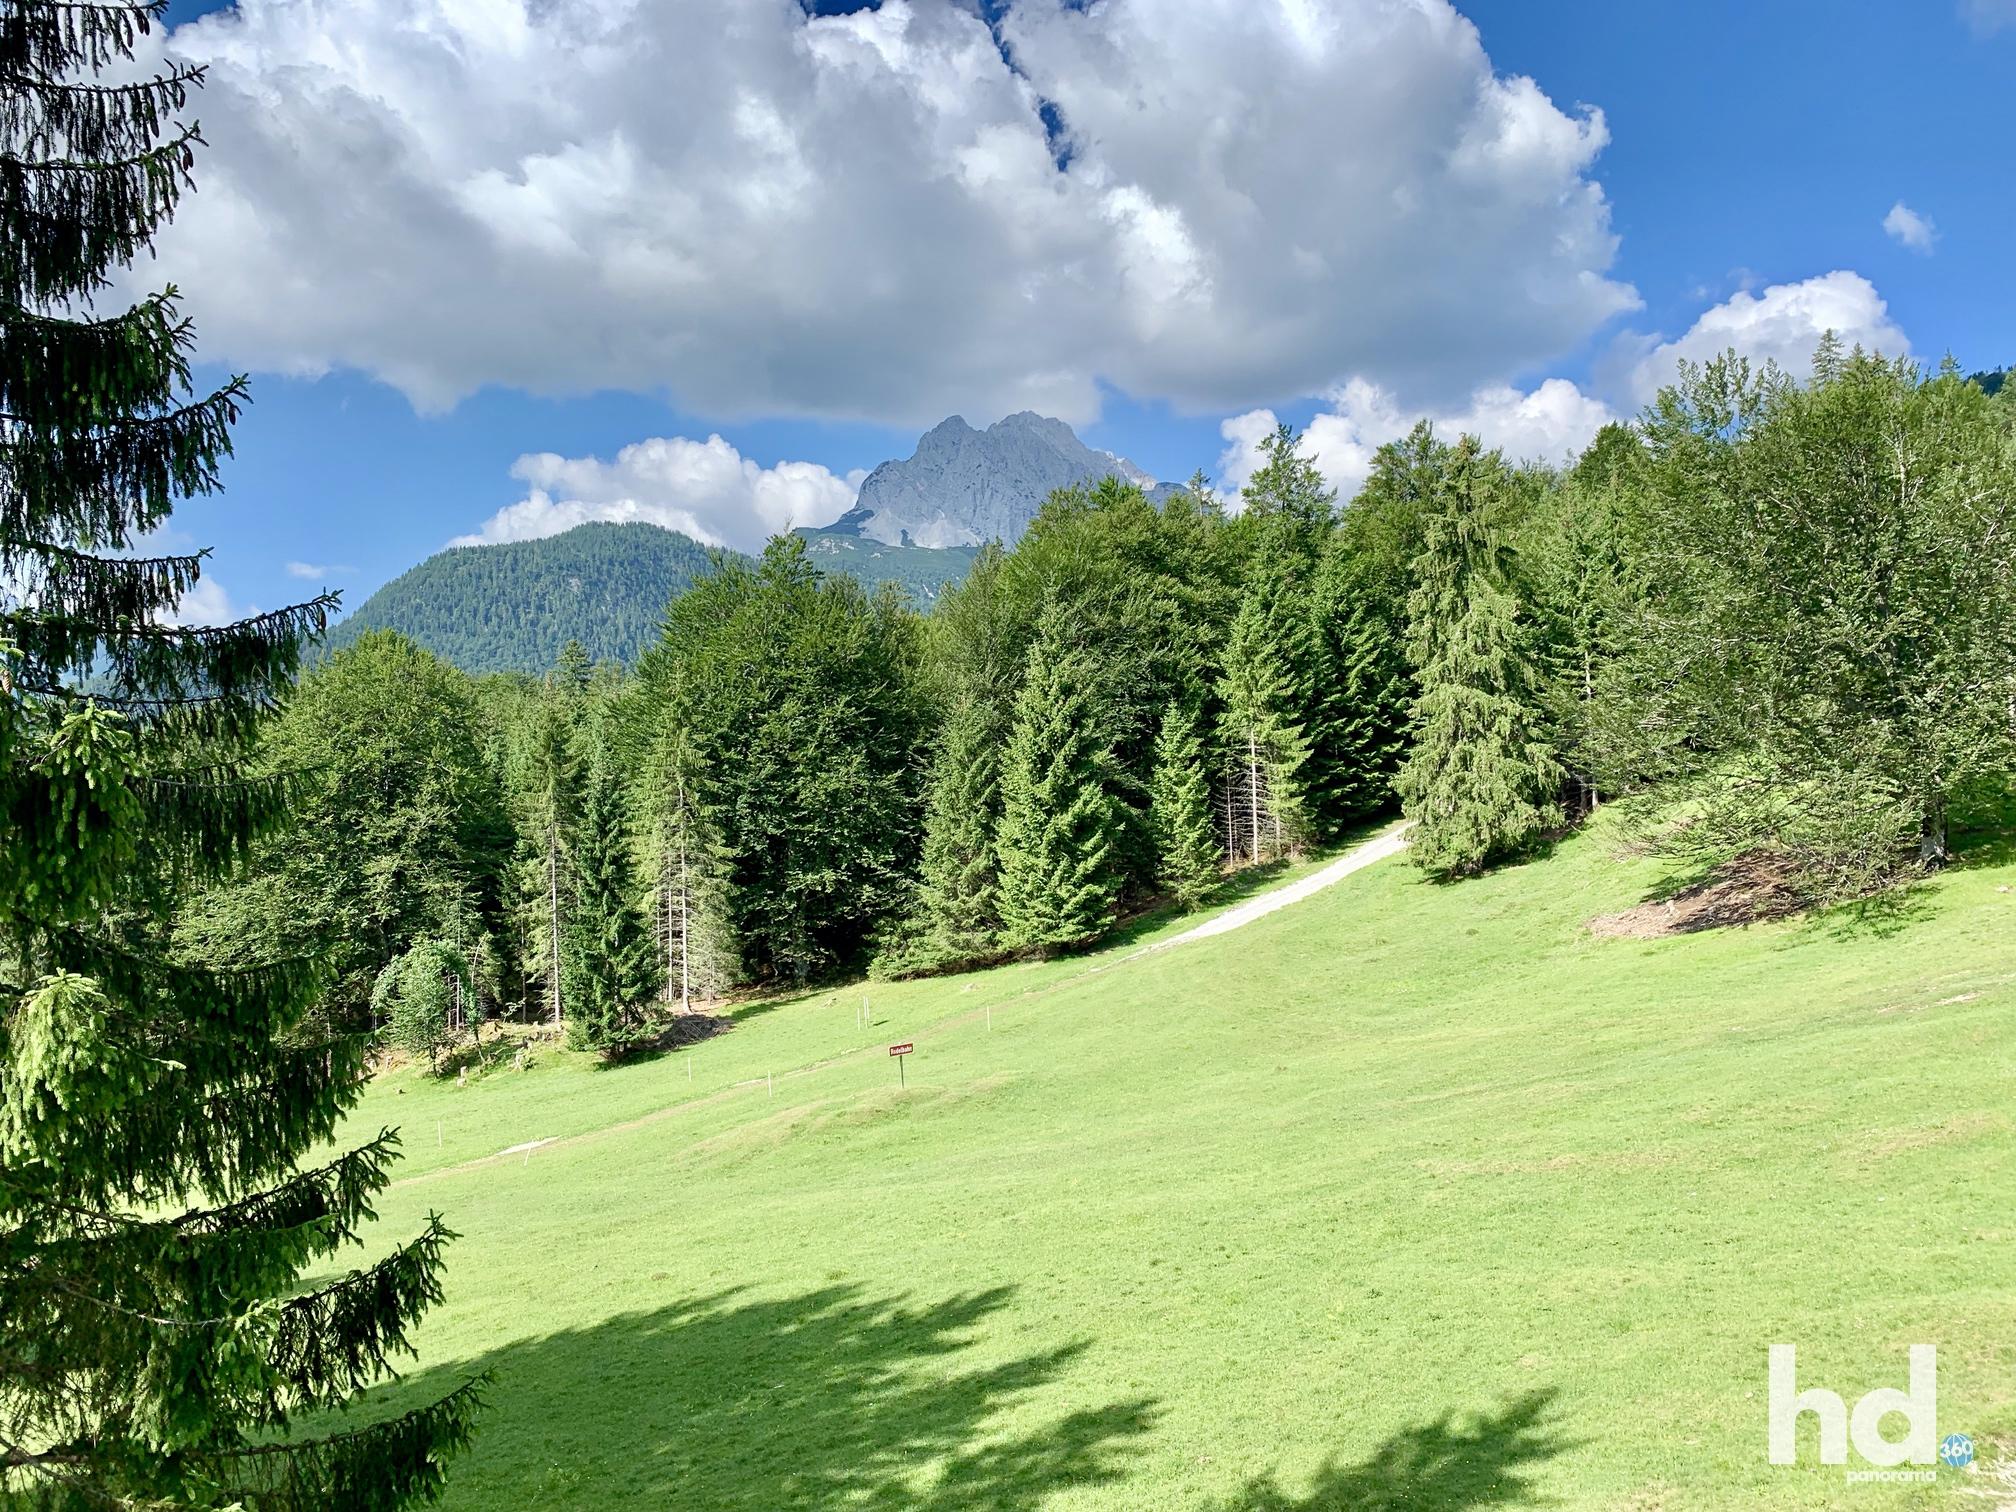 Mit der Seilbahn hoch auf den Kranzberg, Mittenwald, Foto © HD-Panorama